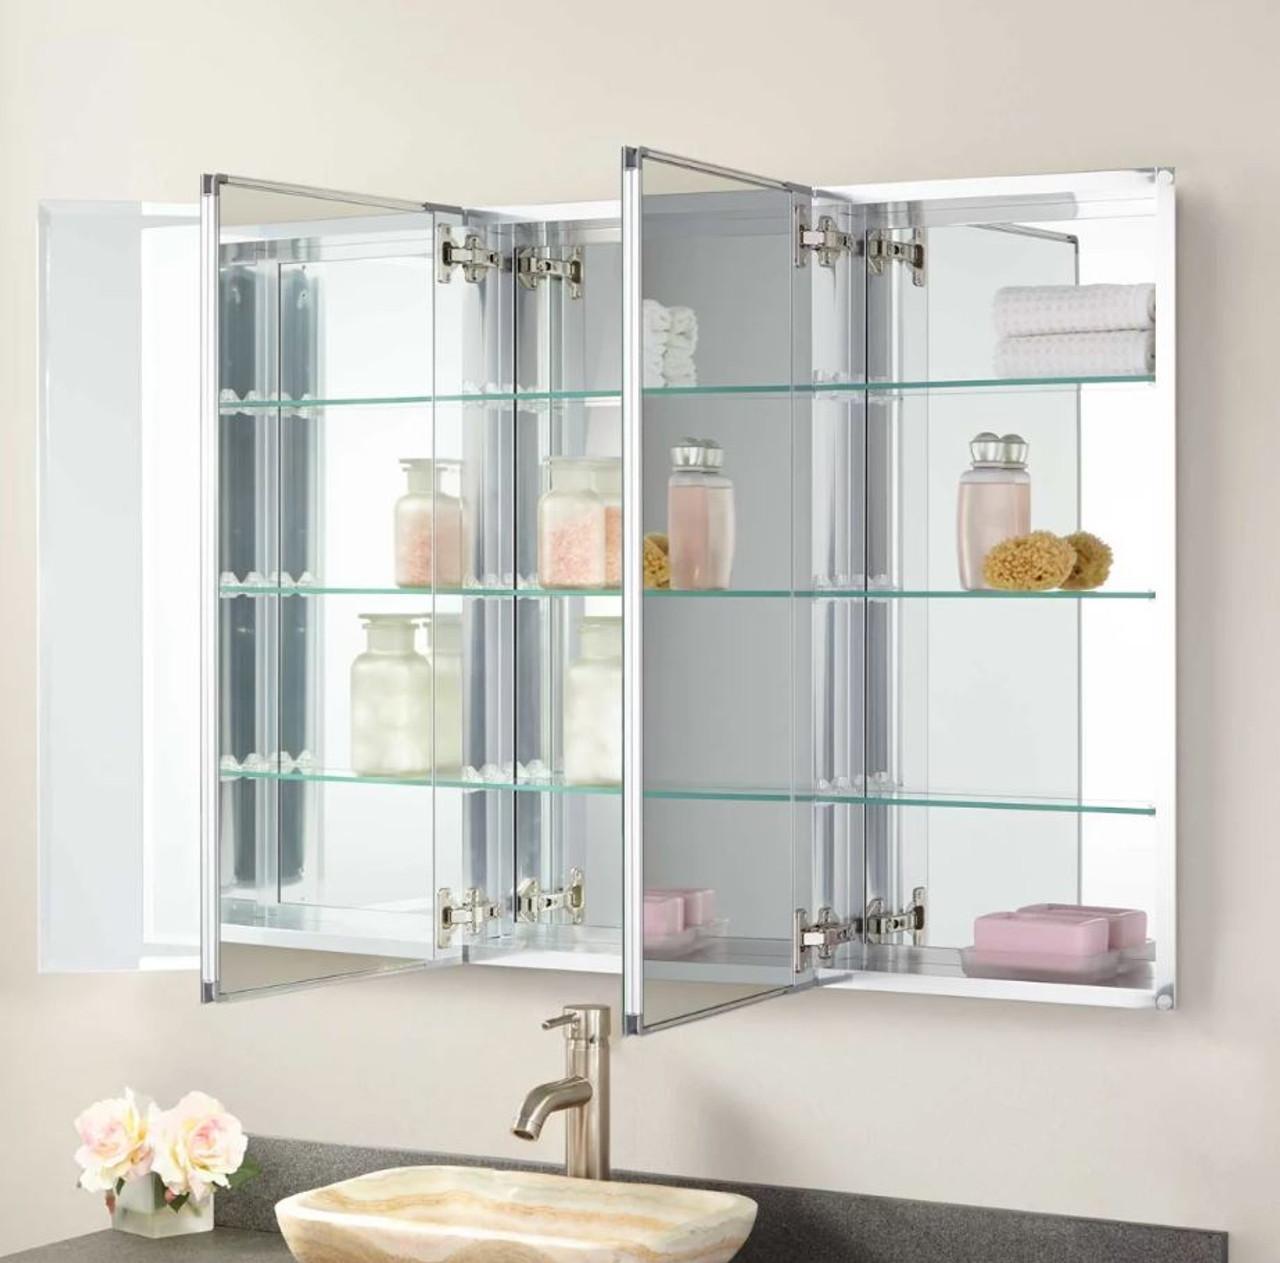 Signature Hardware Furview 31 X 48 Three Door Medicine Cabinet With Left Open Door Swing Royal Bath Place